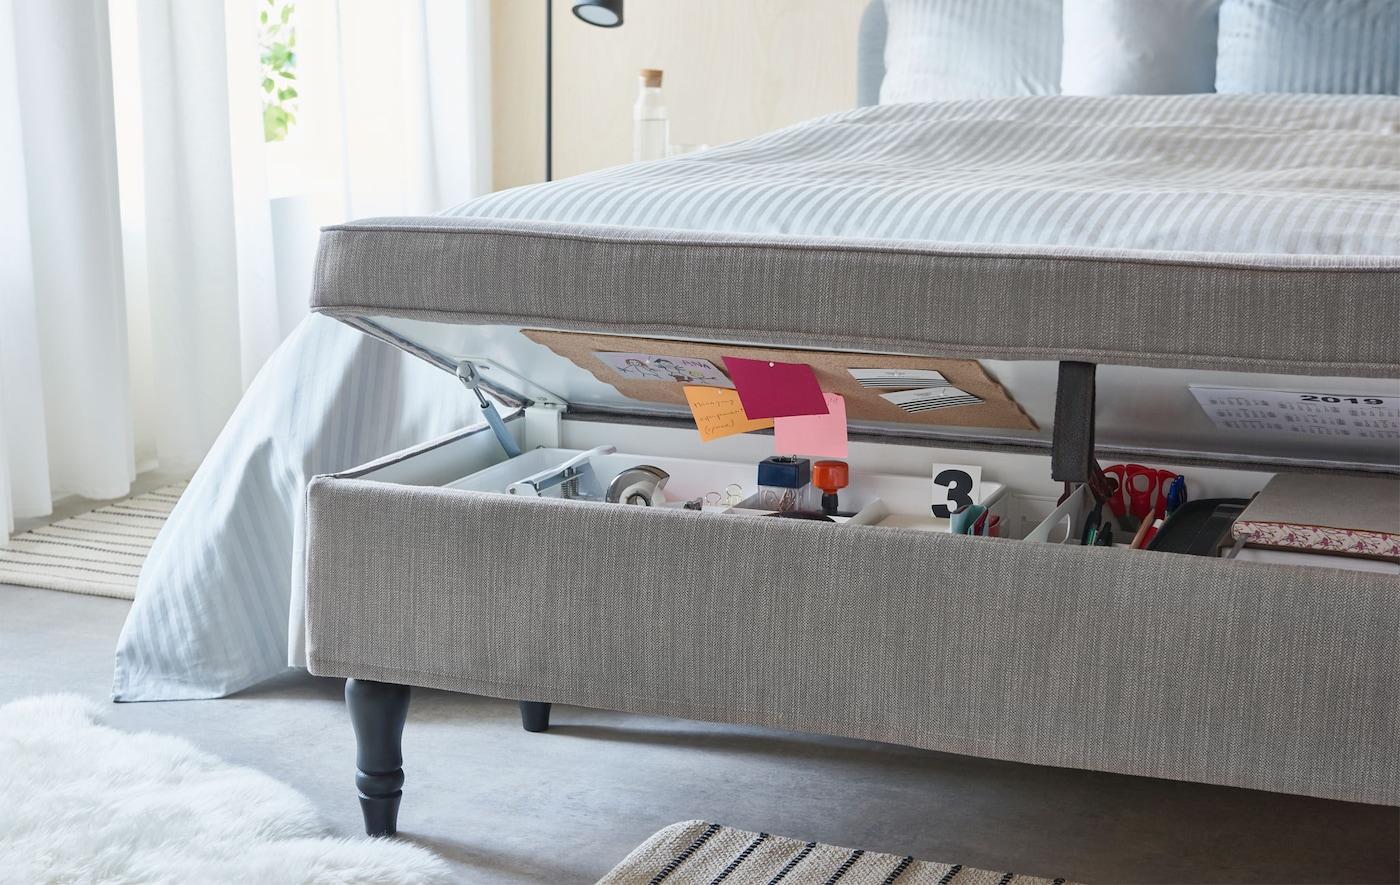 Textilbezogene Bank mit offen stehender Aufbewahrung am Fußende eines Bettes.